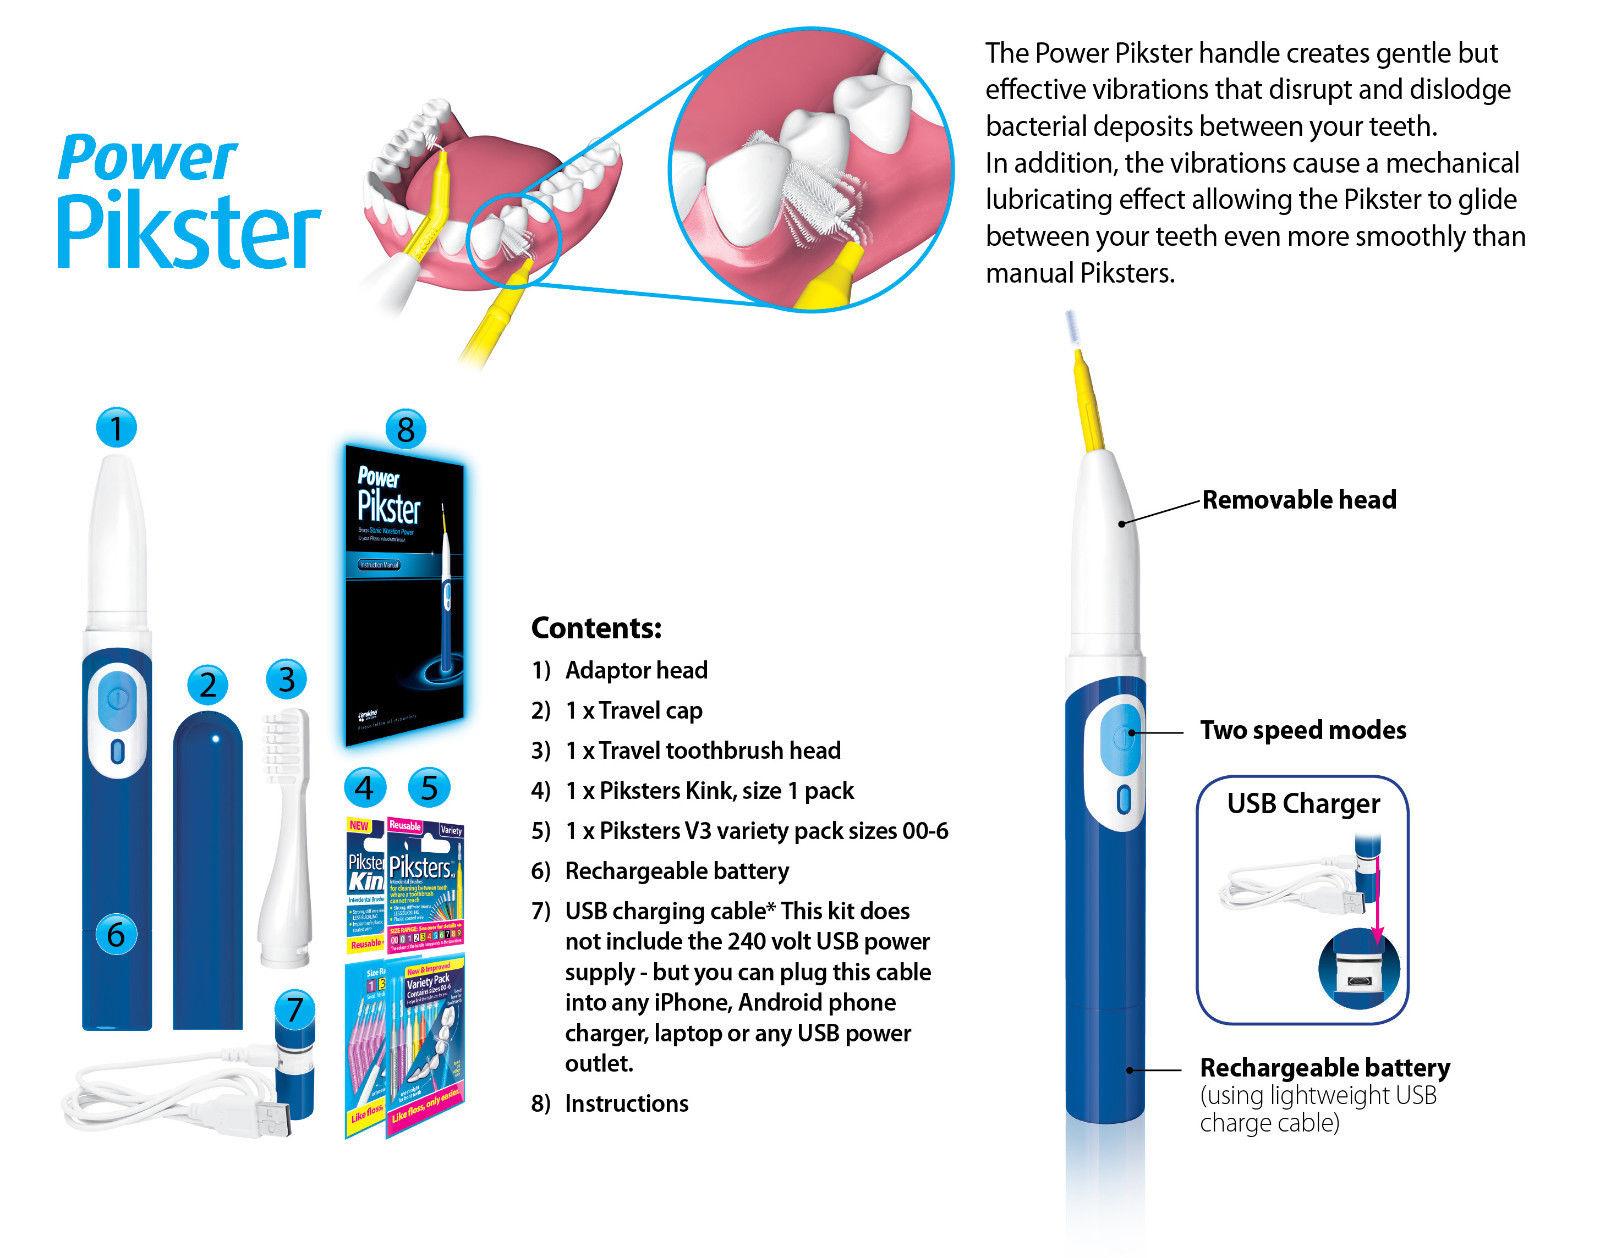 Power pikster info